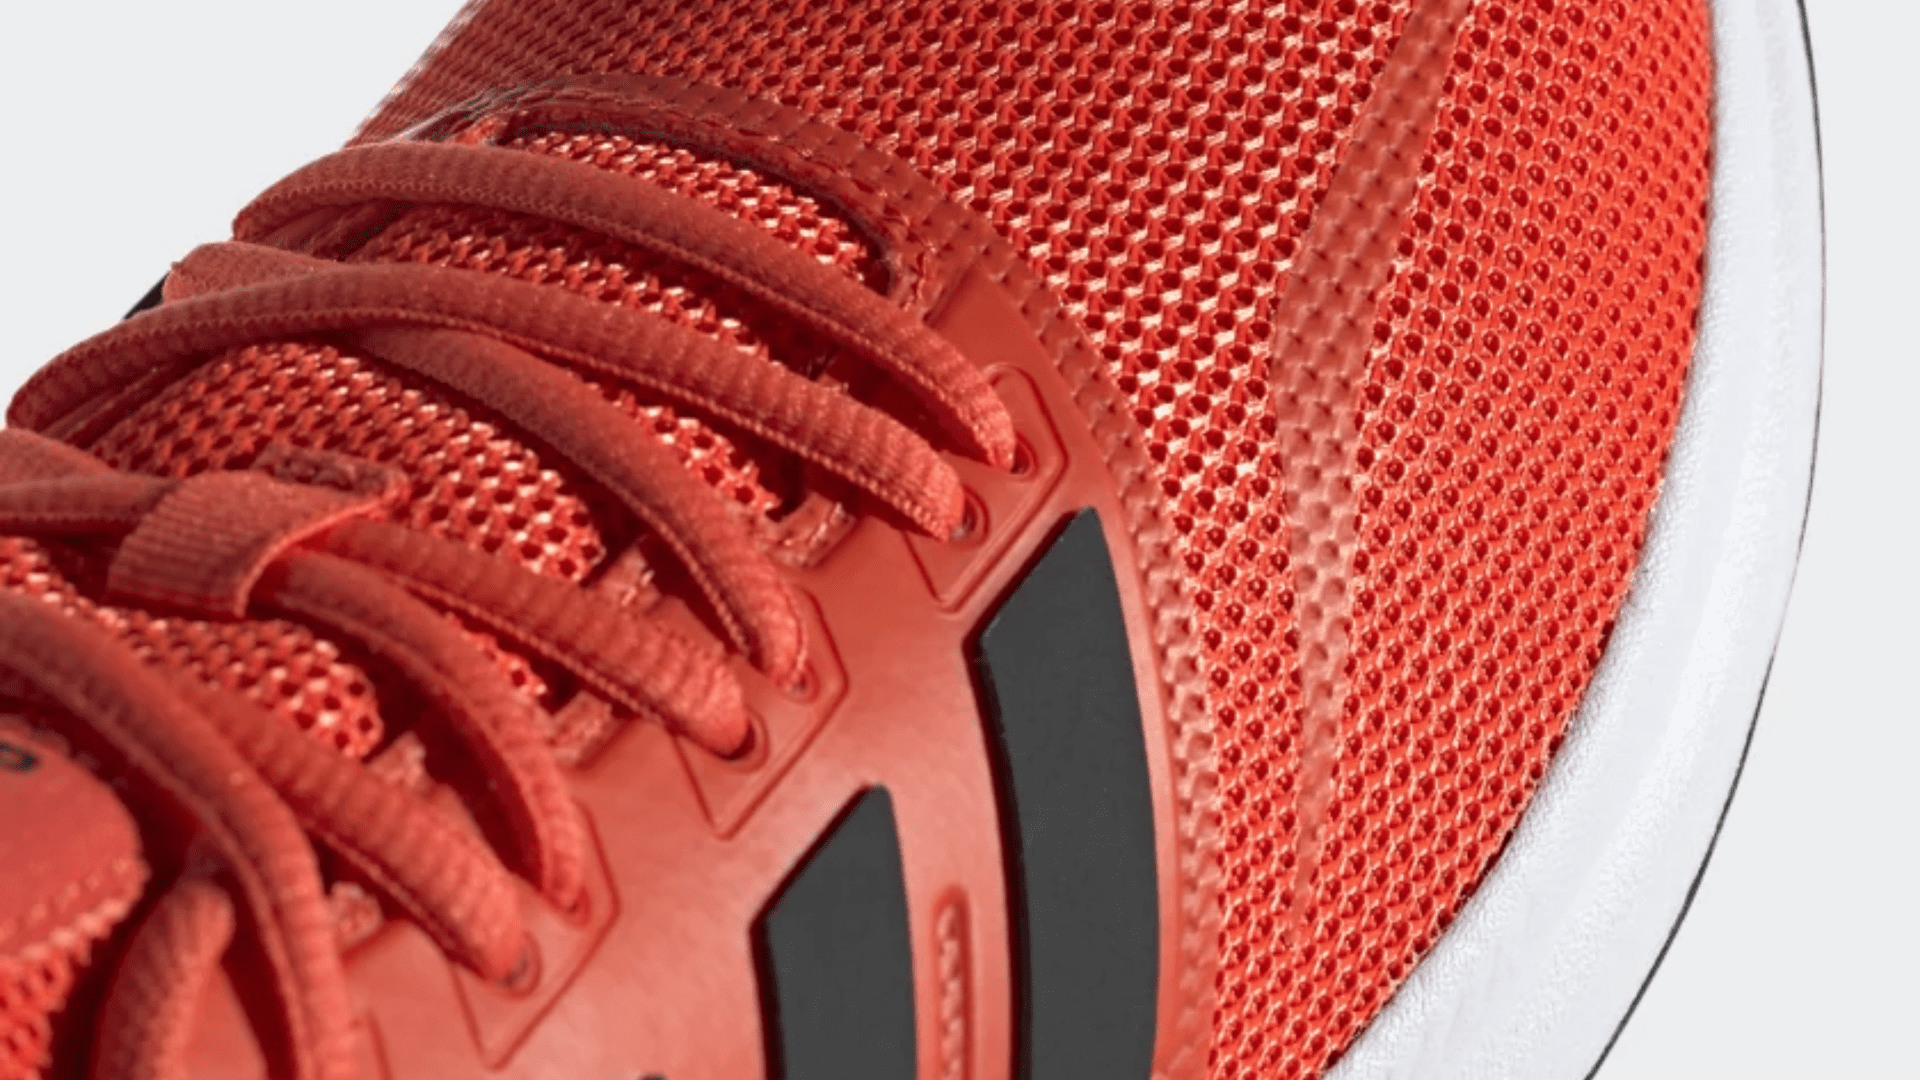 O Adidas Run Falcon é produzido em mesh e couro sintético (Imagem: Divulgação/Adidas)